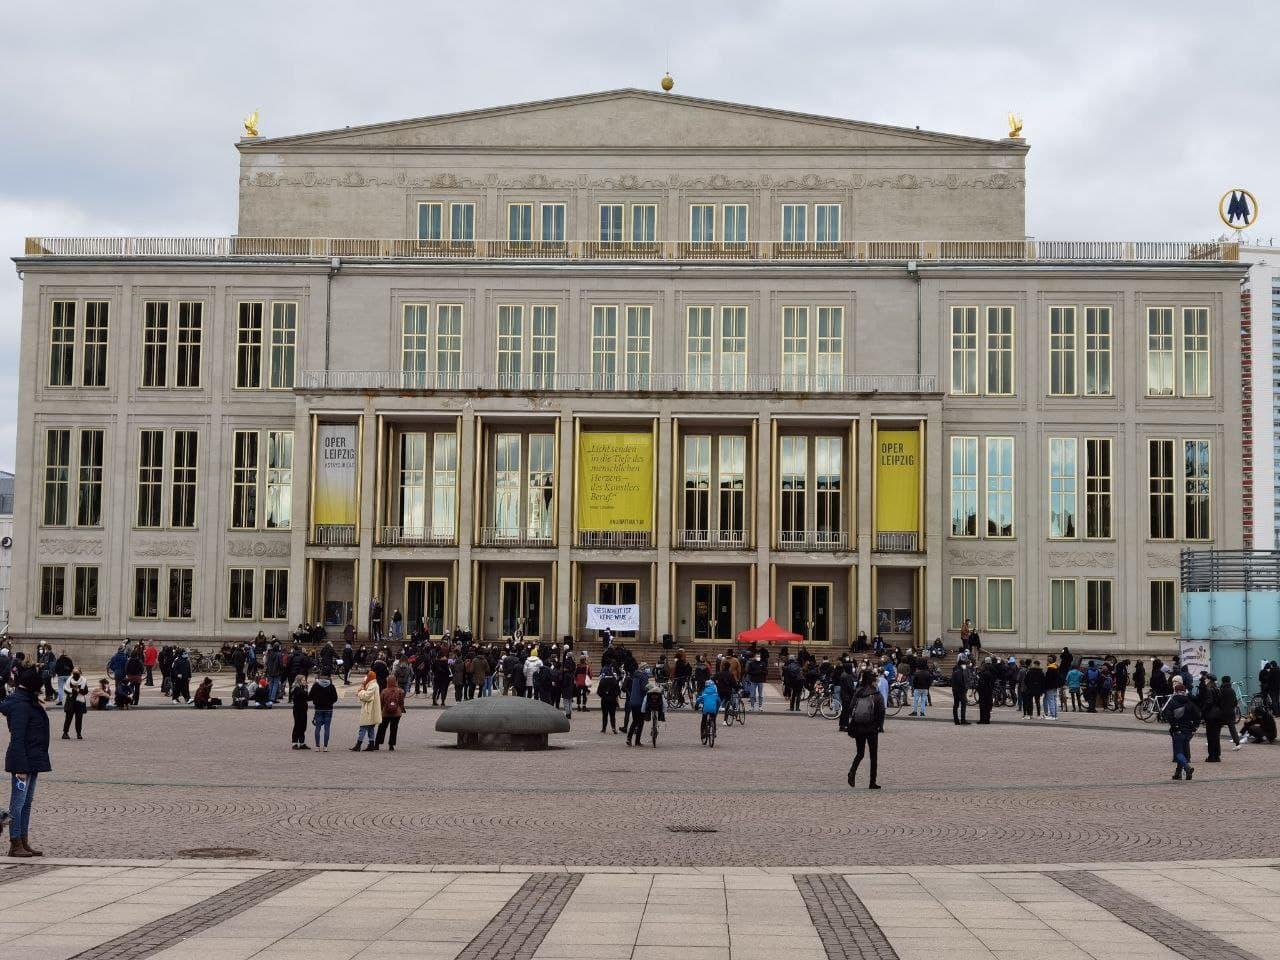 Etwa 400 Teilnehmer/-innen bei der Feminismus-Demonstration vor der Oper. Foto: Tilly Domian